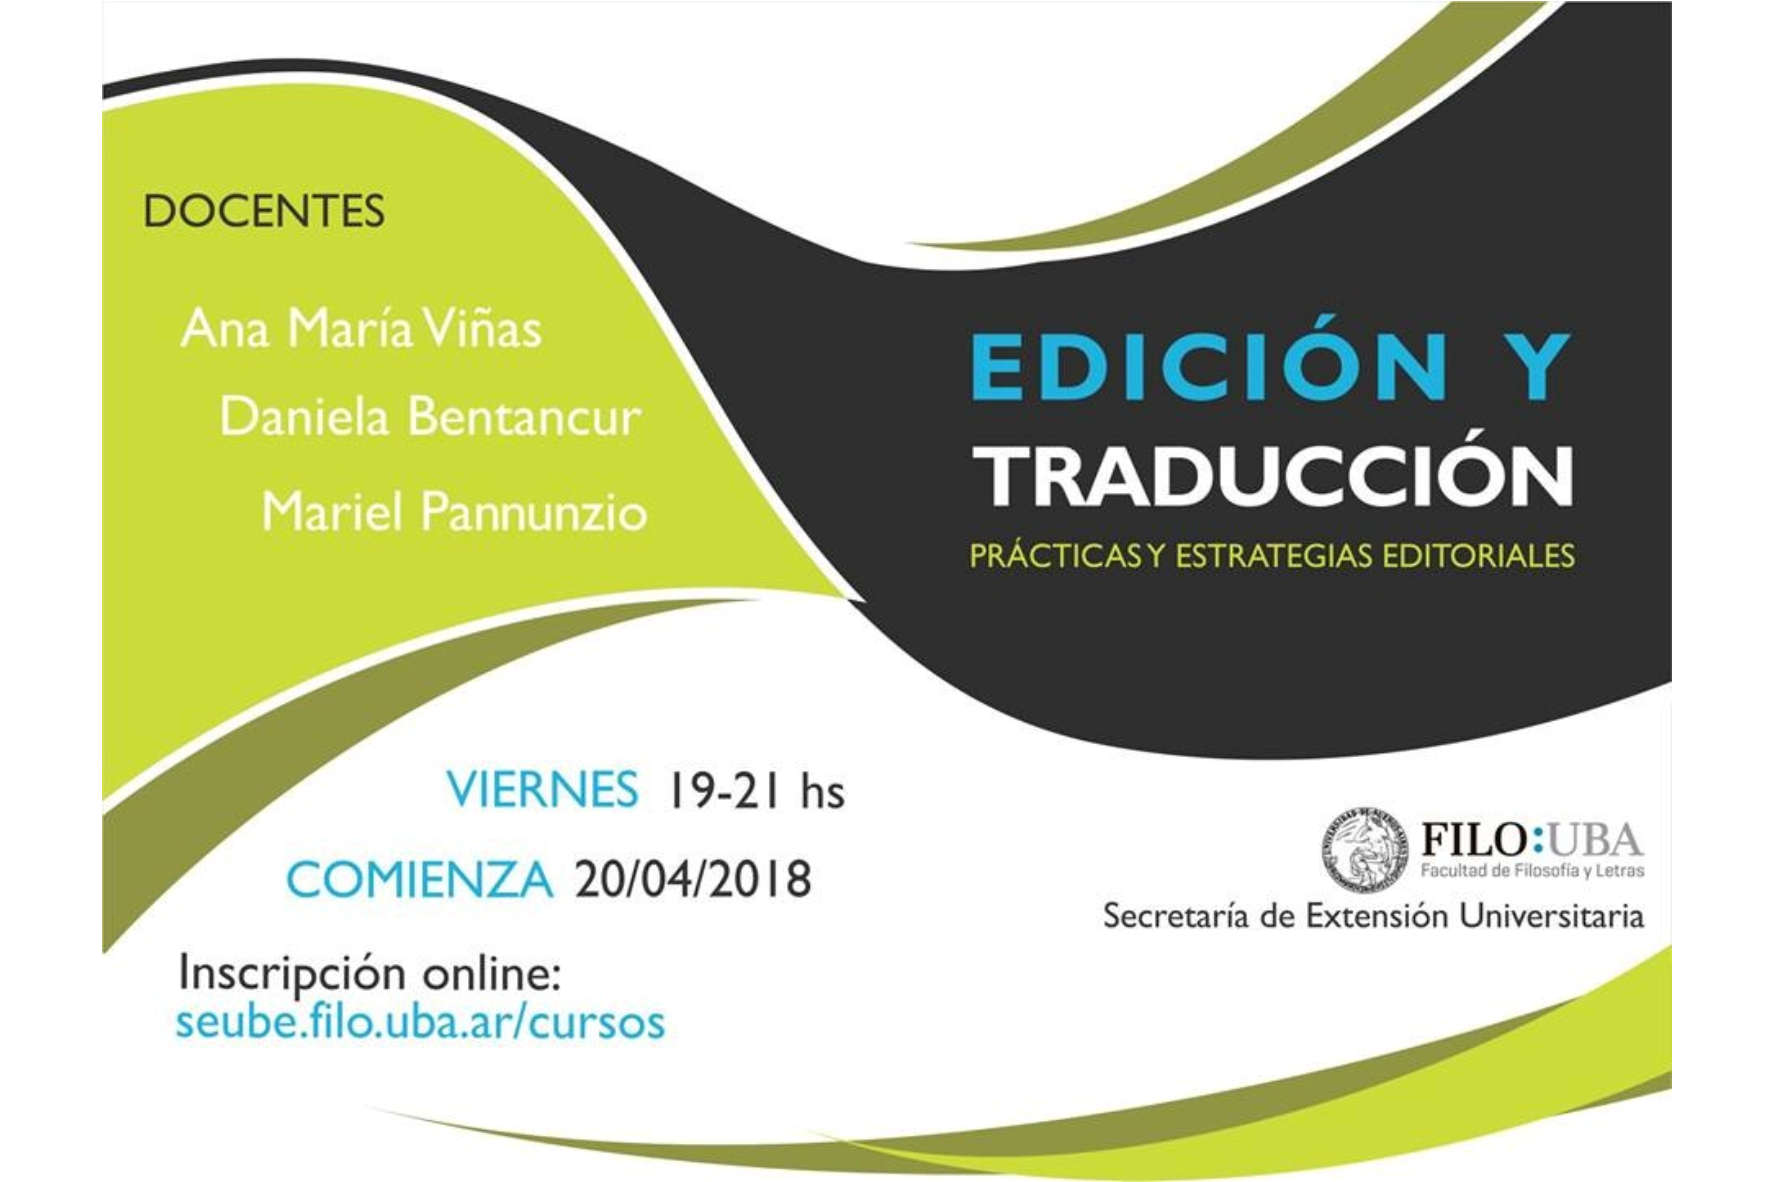 Edición y traducción: estrategias y prácticas editoriales